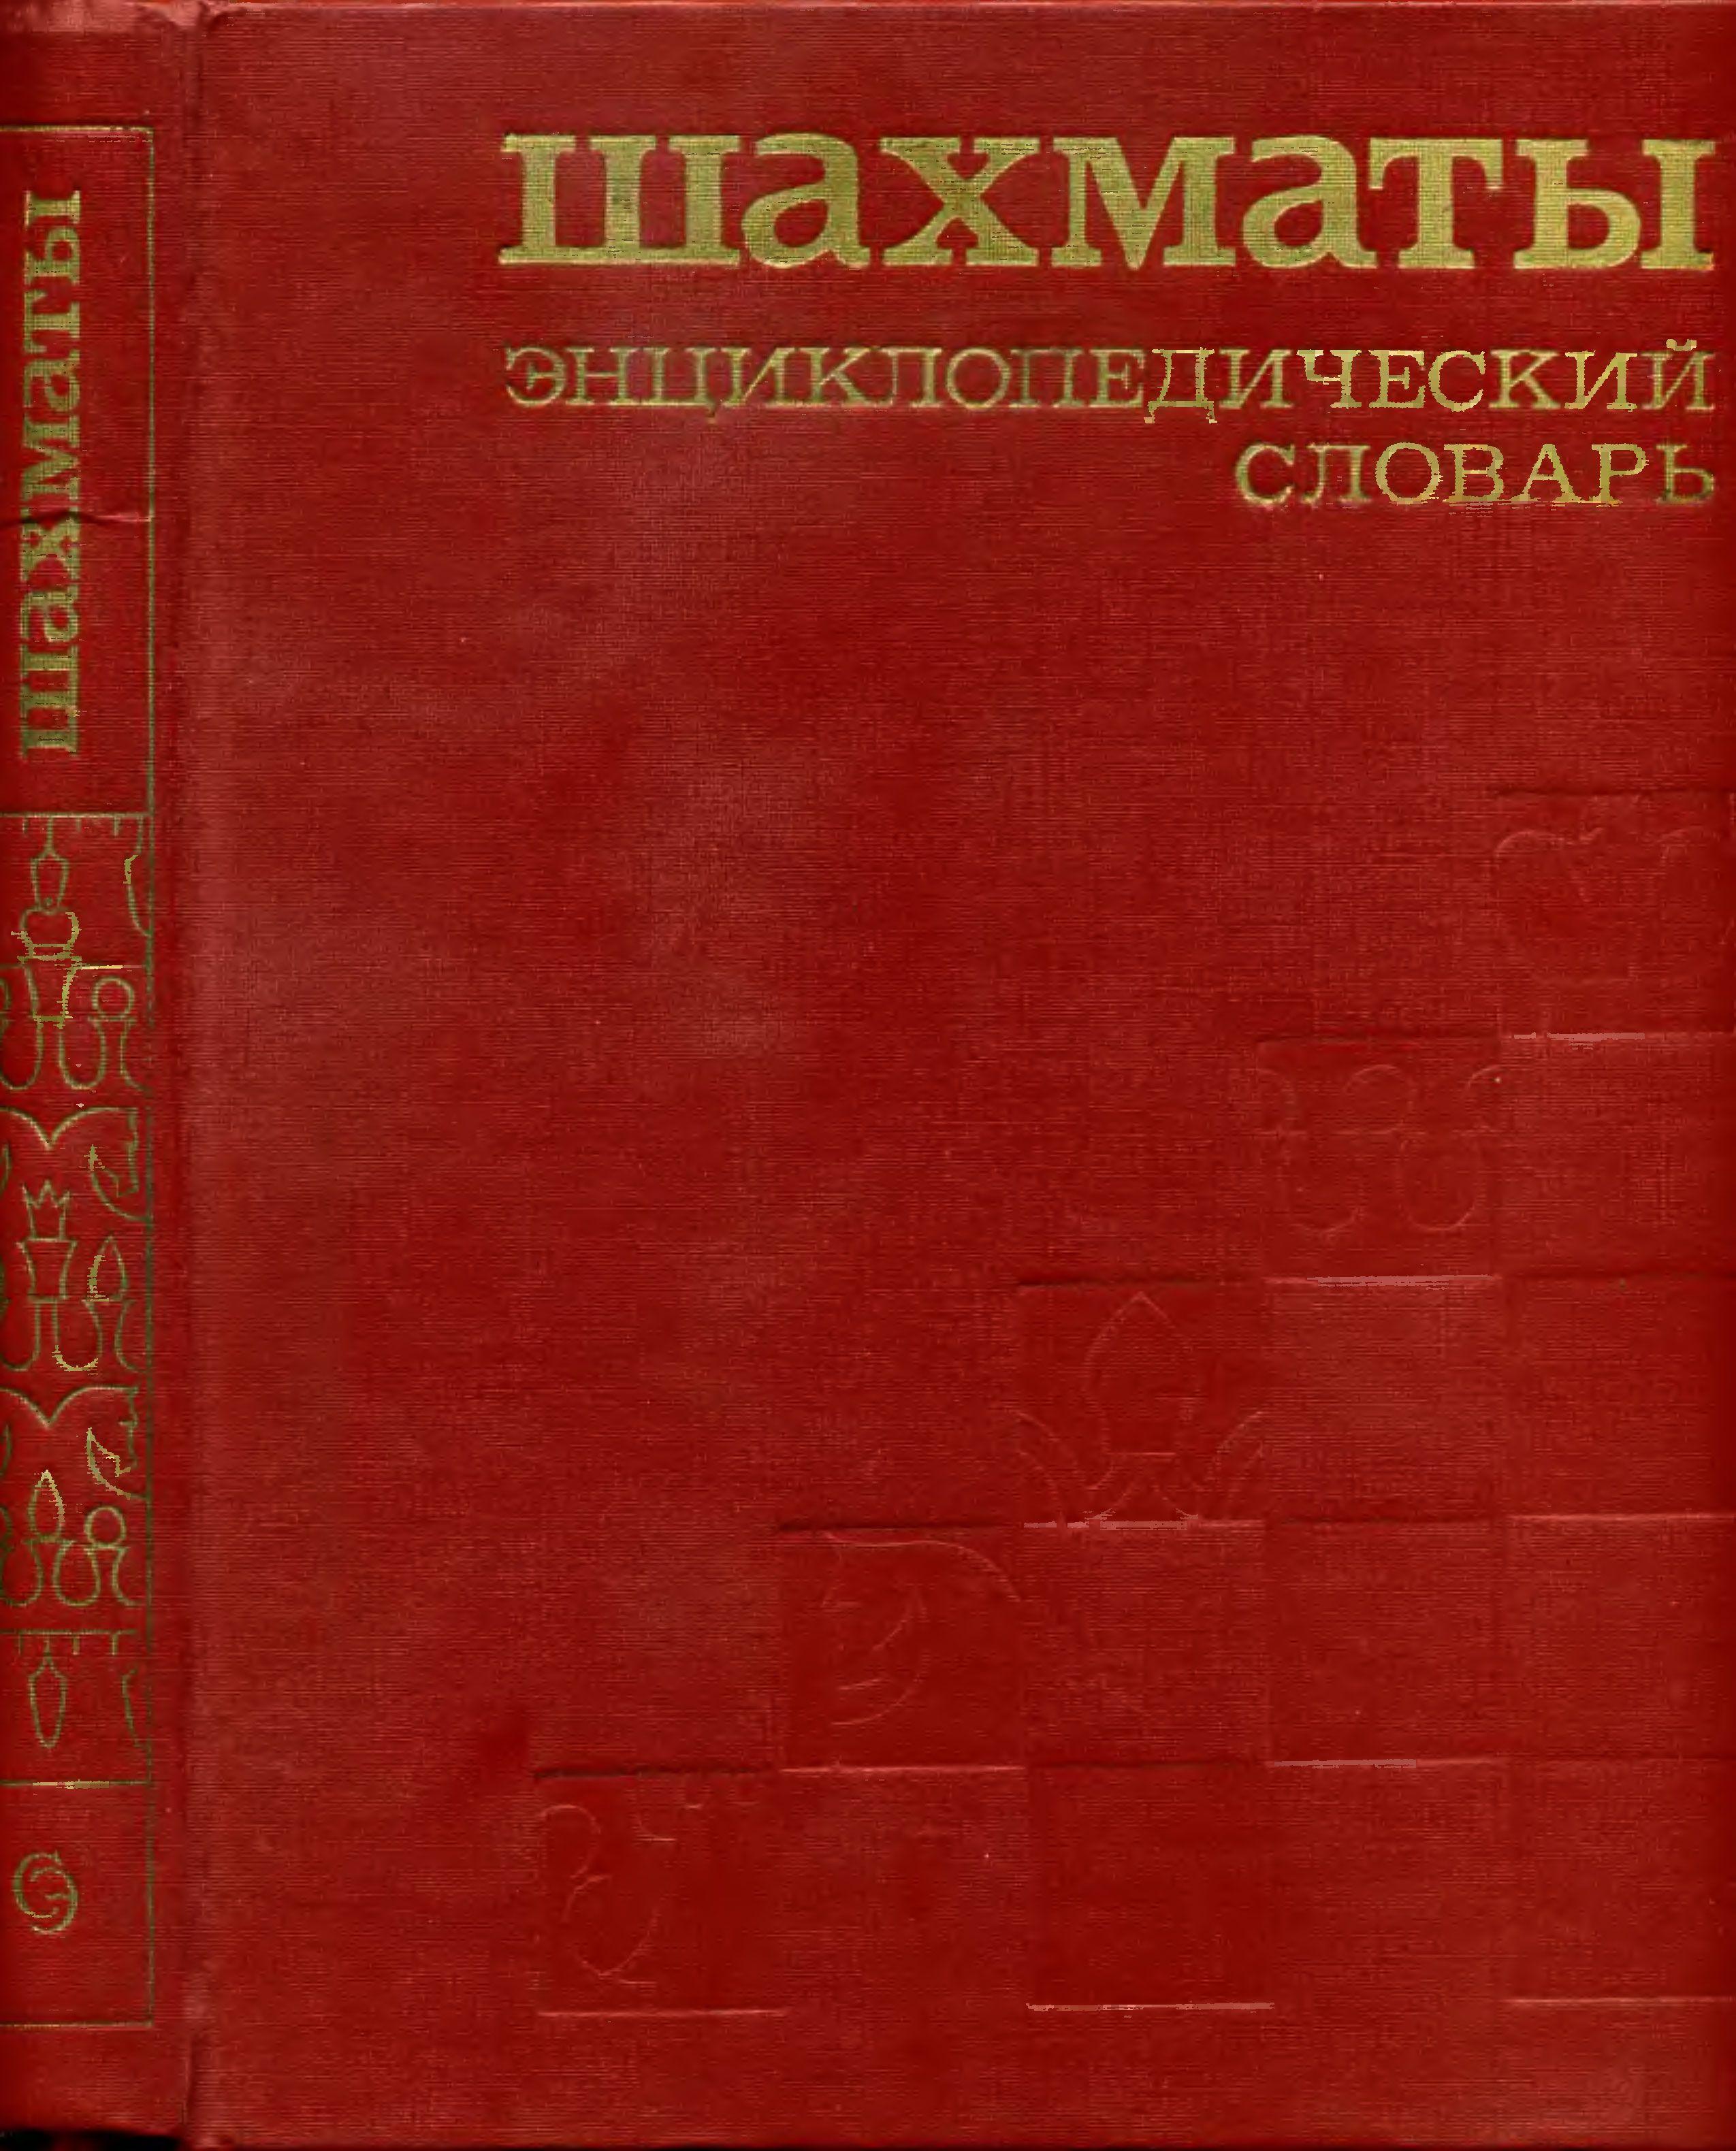 Книги по Шахматам скачать